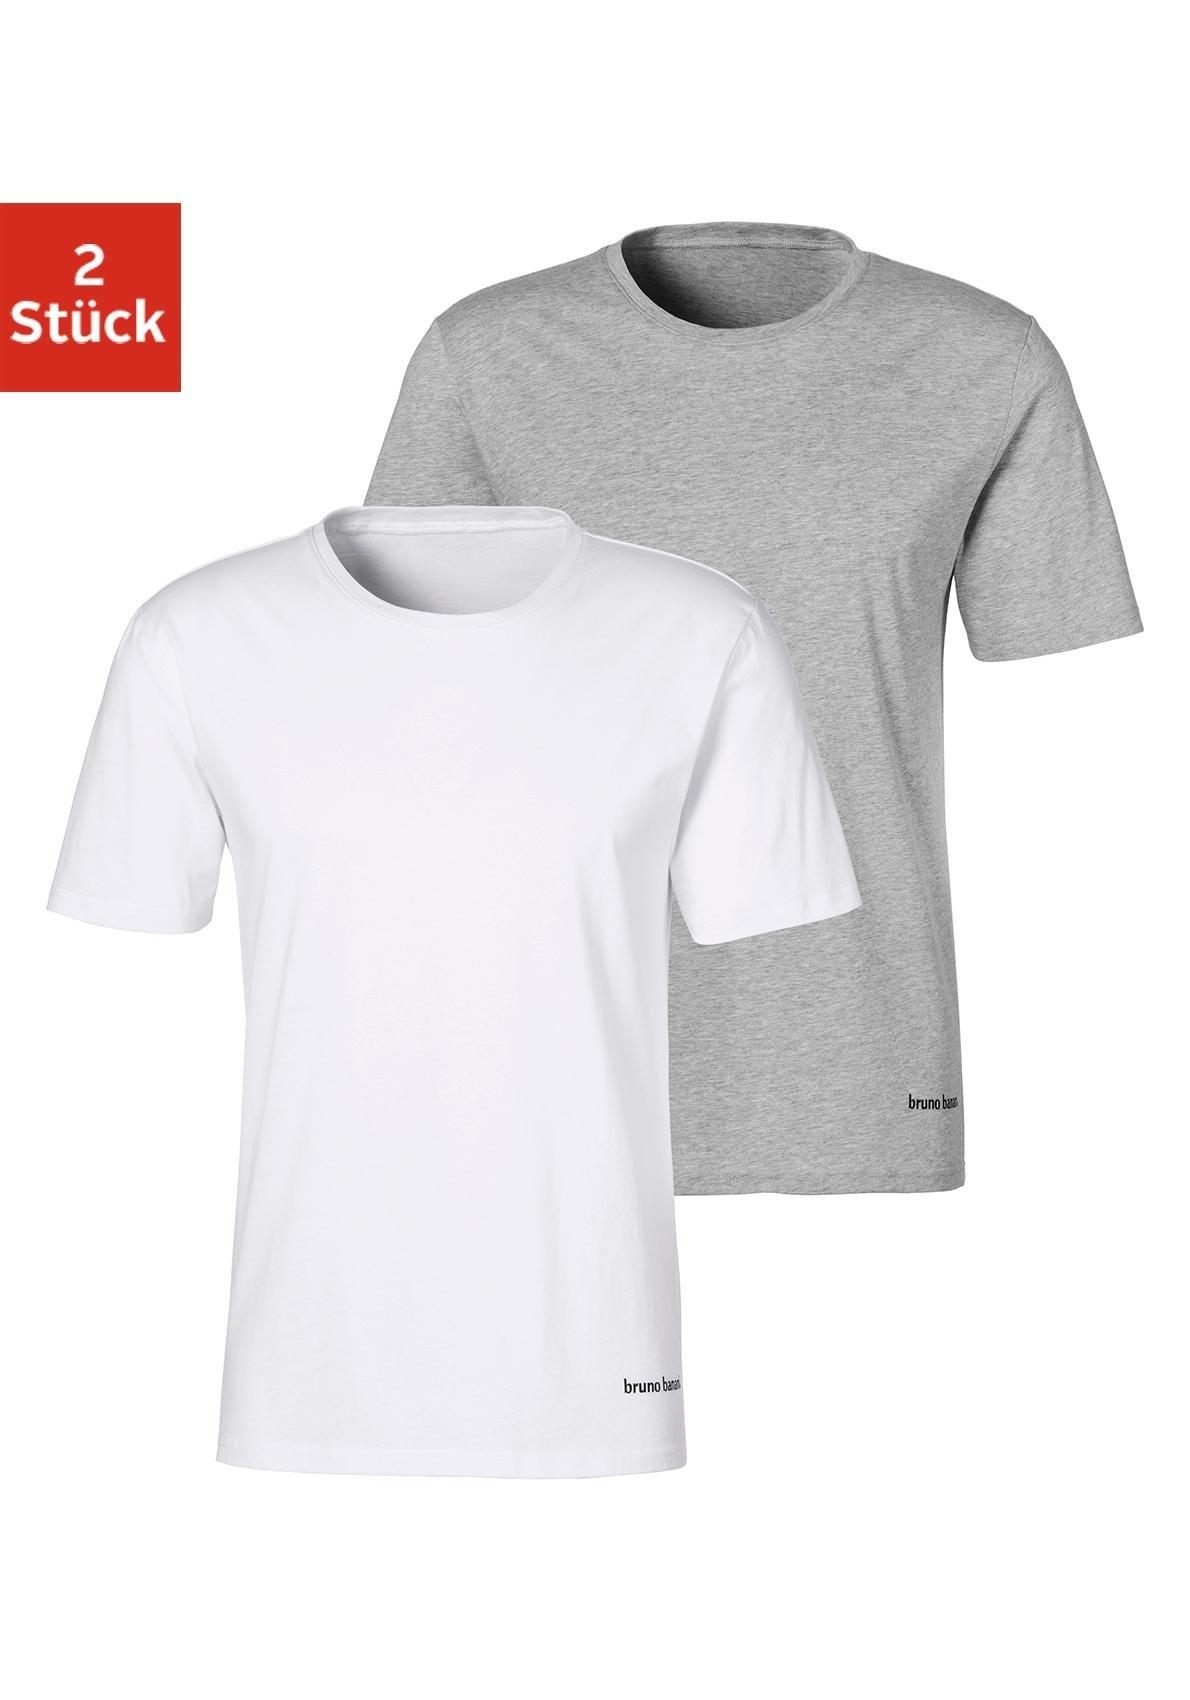 Bruno Banani T-shirt (set van 2) nu online kopen bij OTTO